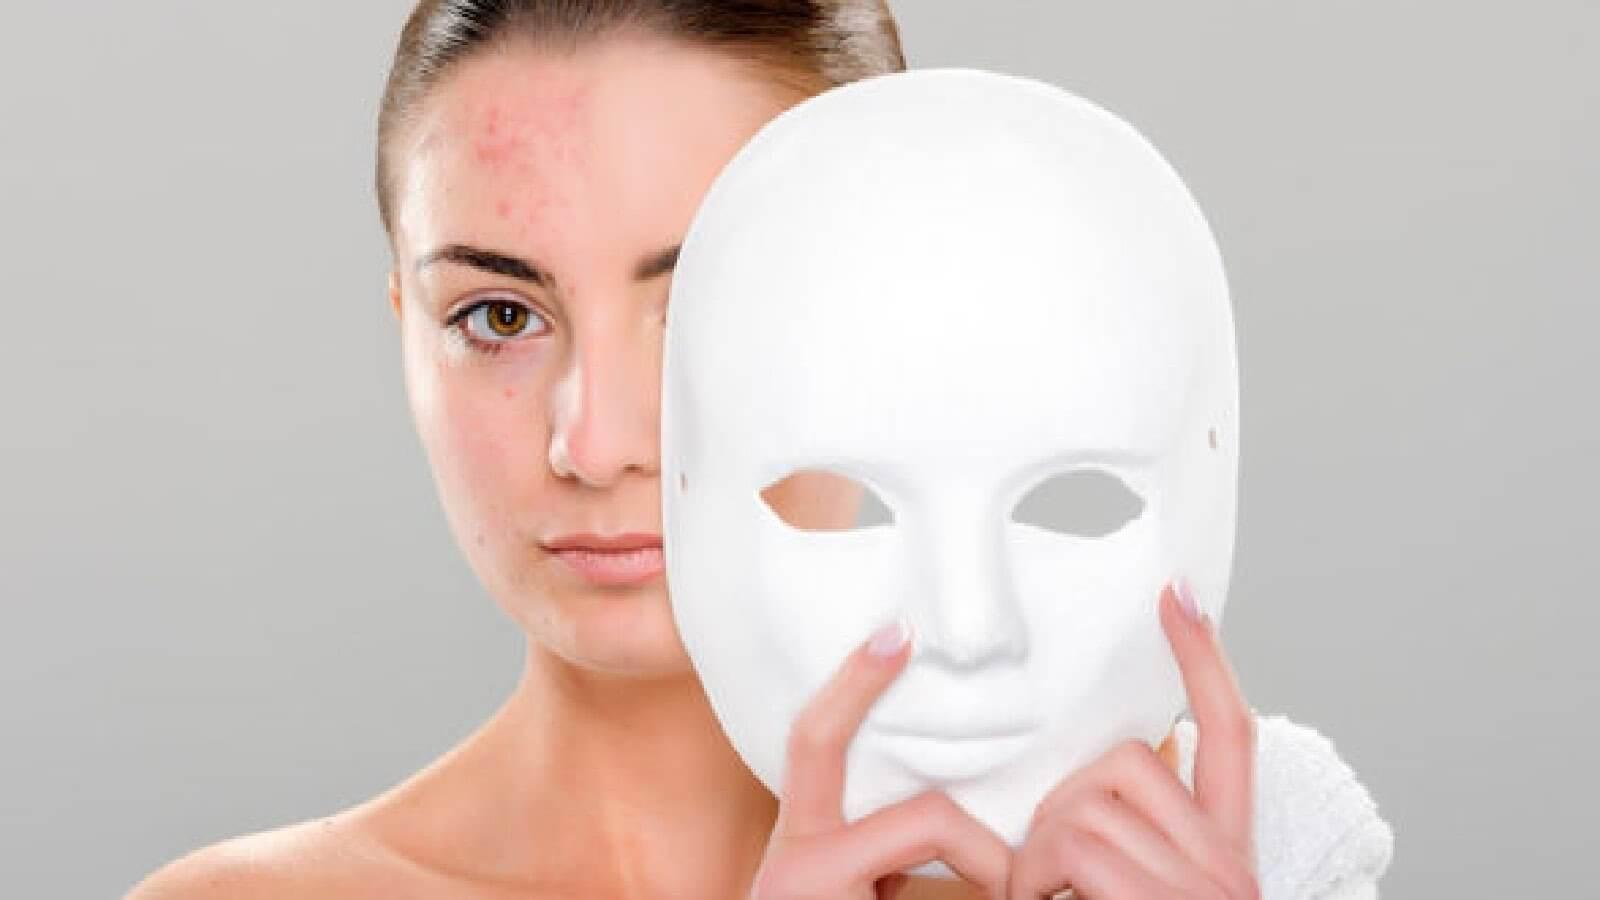 Какие компоненты помогут улучшить кожу лица